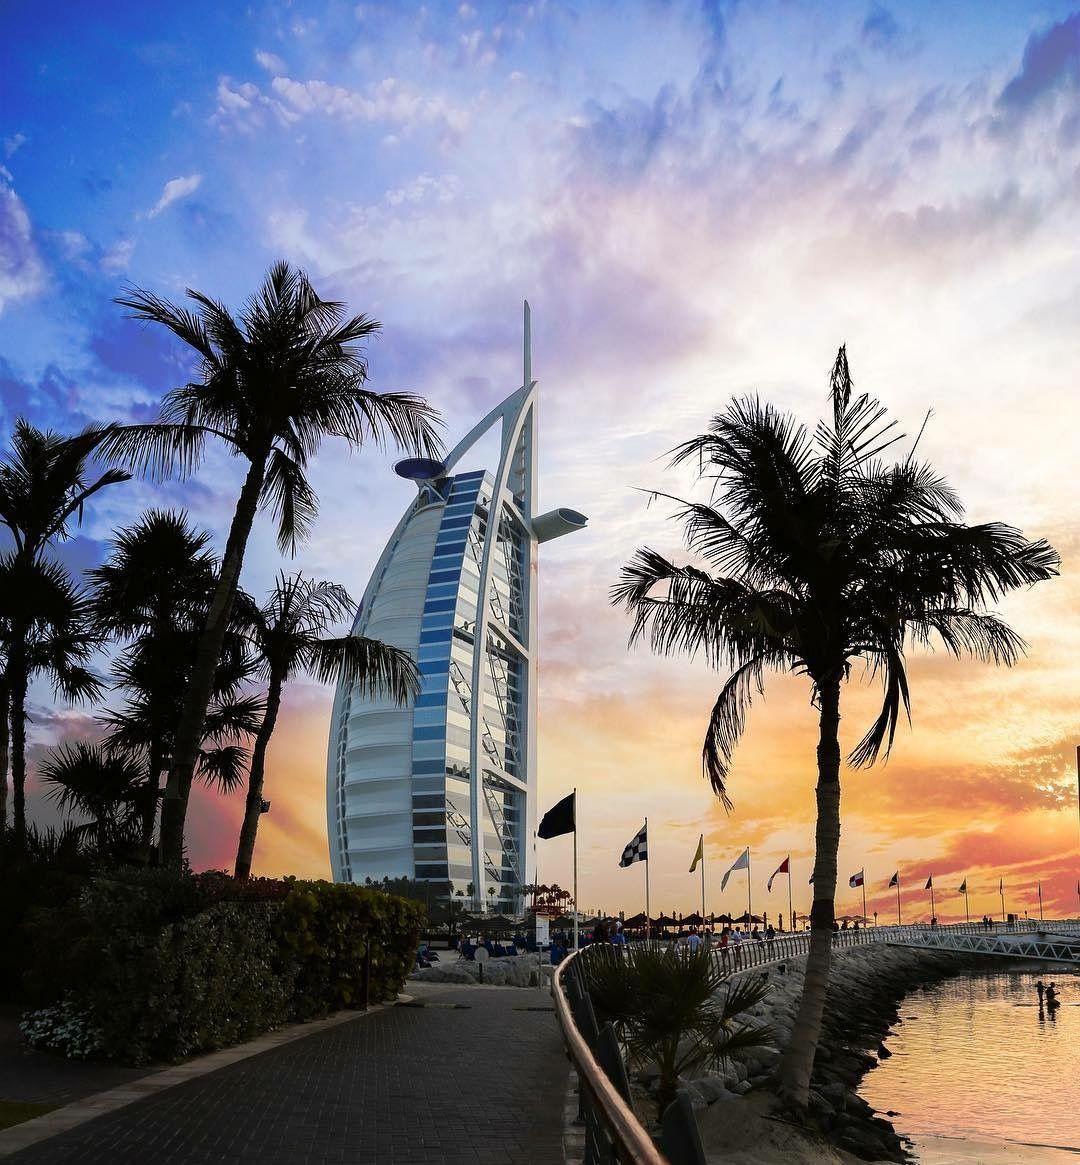 Pin By Tata On Burj Al Arab Dubai Travel Travel Places To Travel